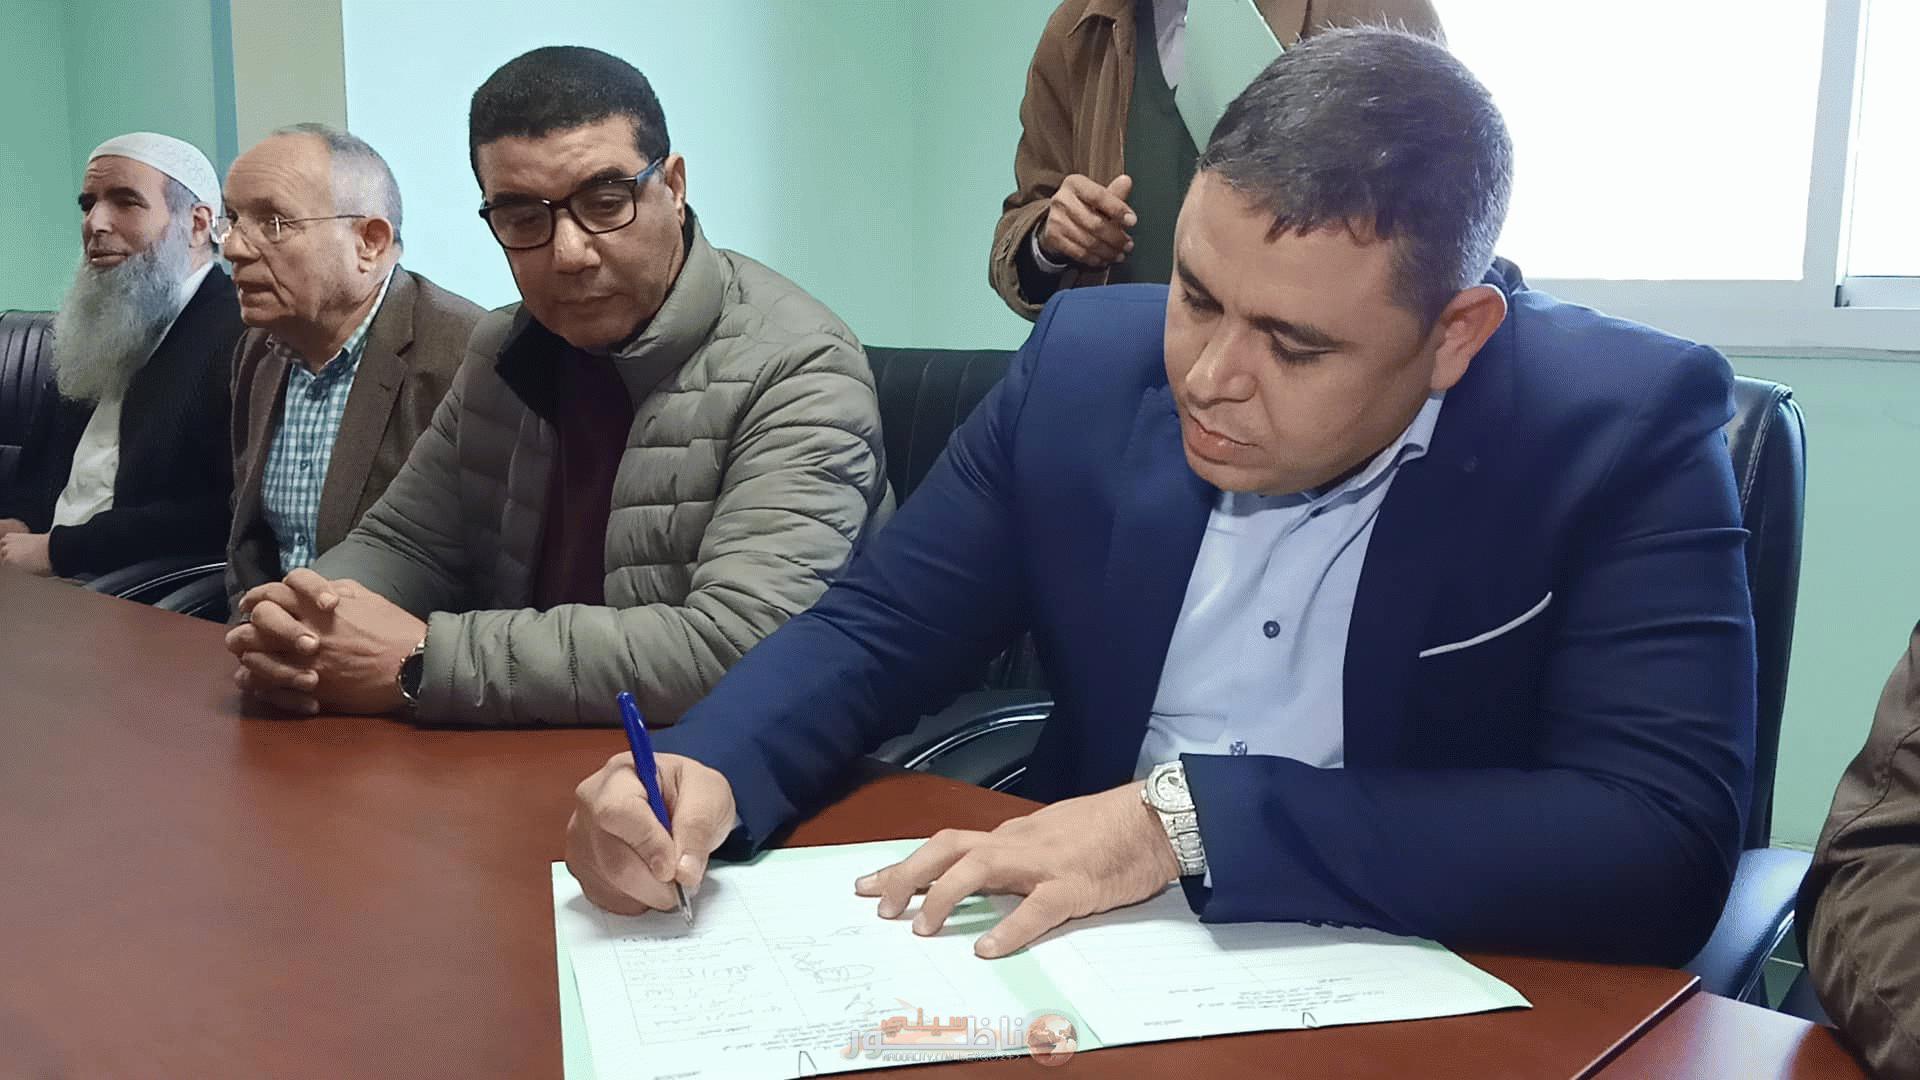 تأجيل النظر في الطعن الذي تقدمت به المعارضة لإلغاء انتخاب مجعيط رئيسا لجماعة الناظور